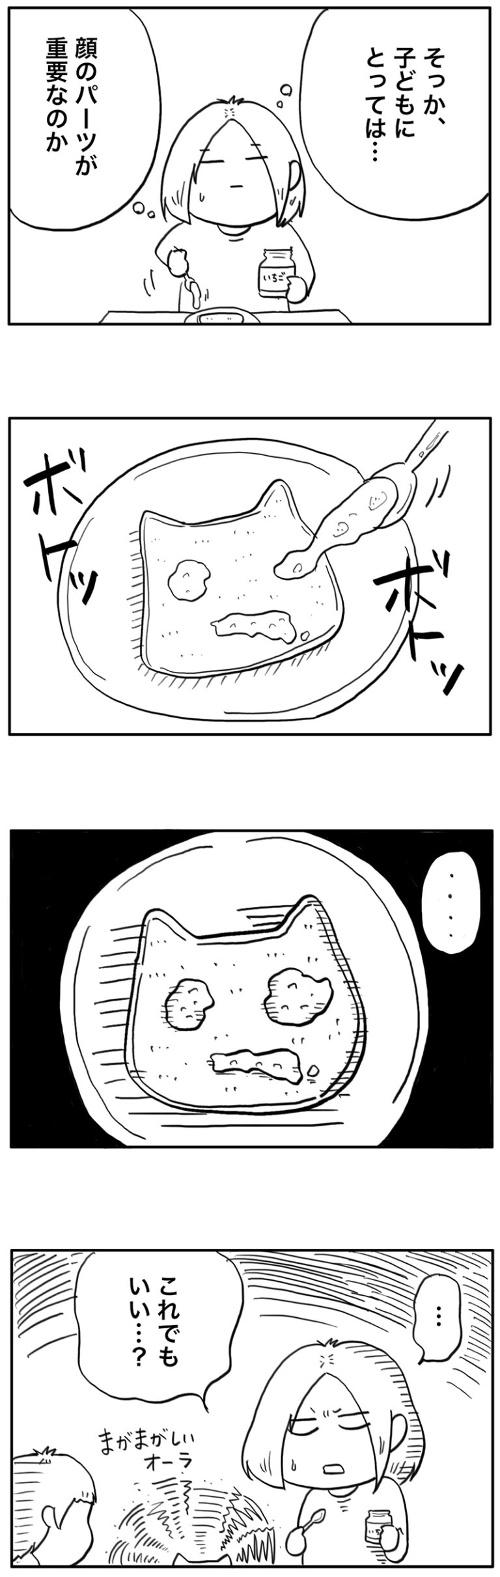 食パンアレンジ失敗